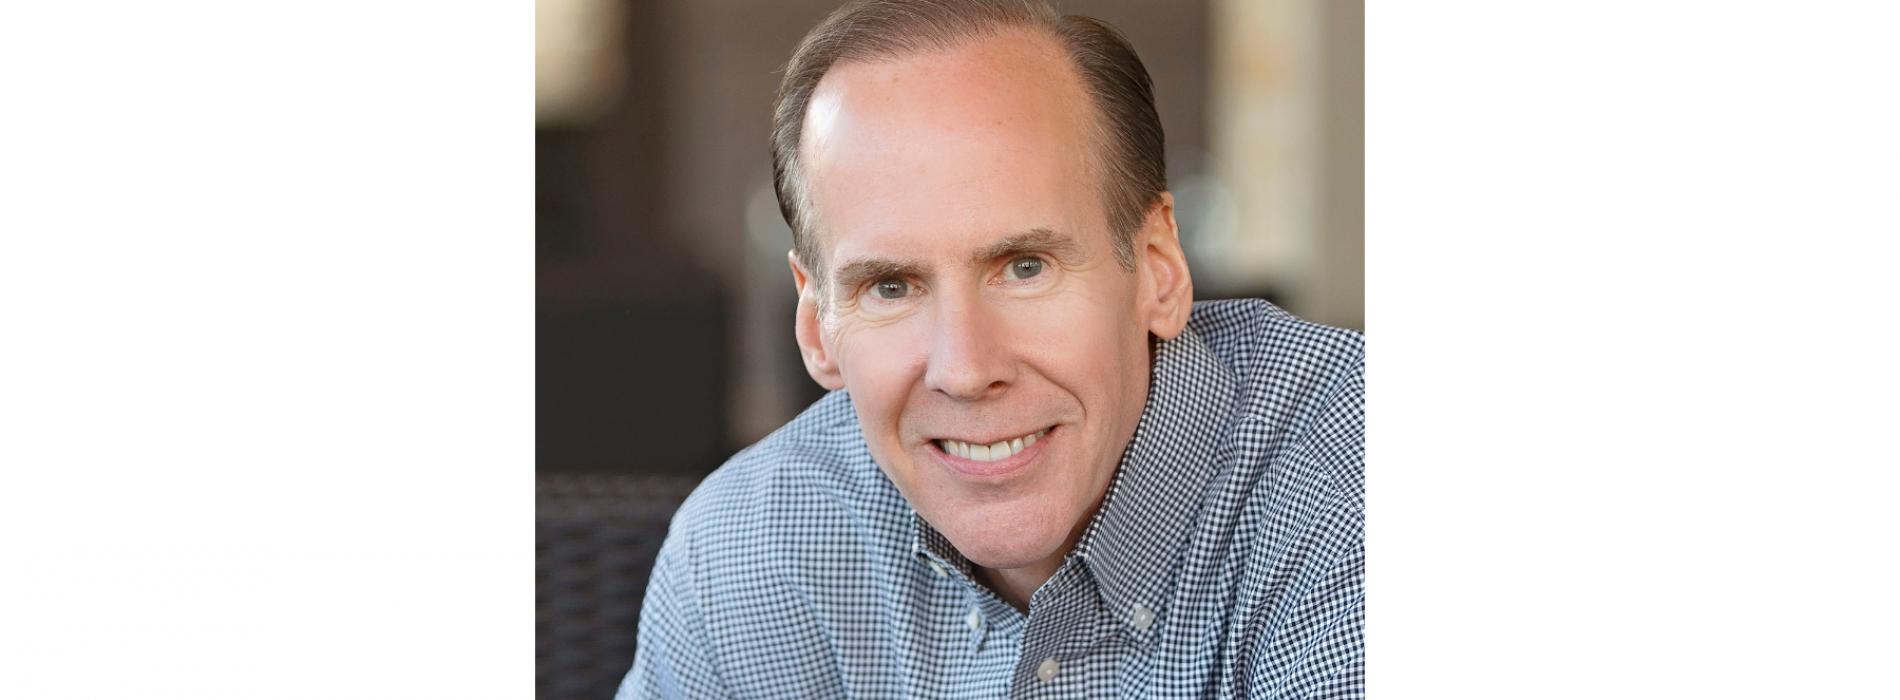 OYO appoints Troy Alsteadas its board member